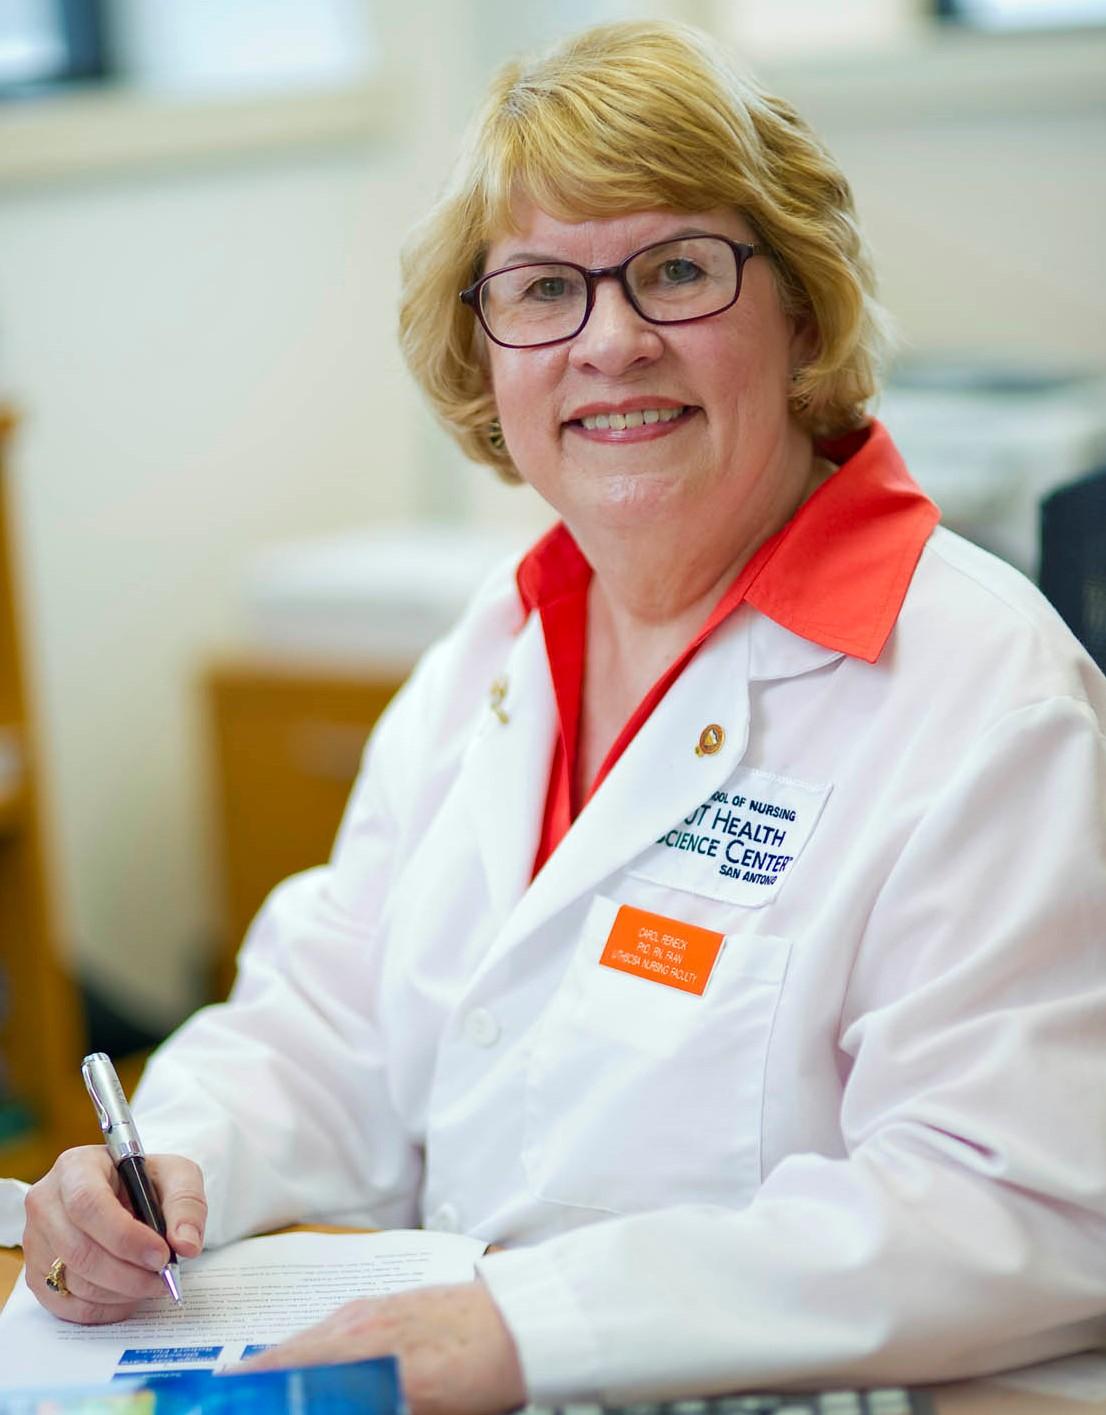 Carol Huebner